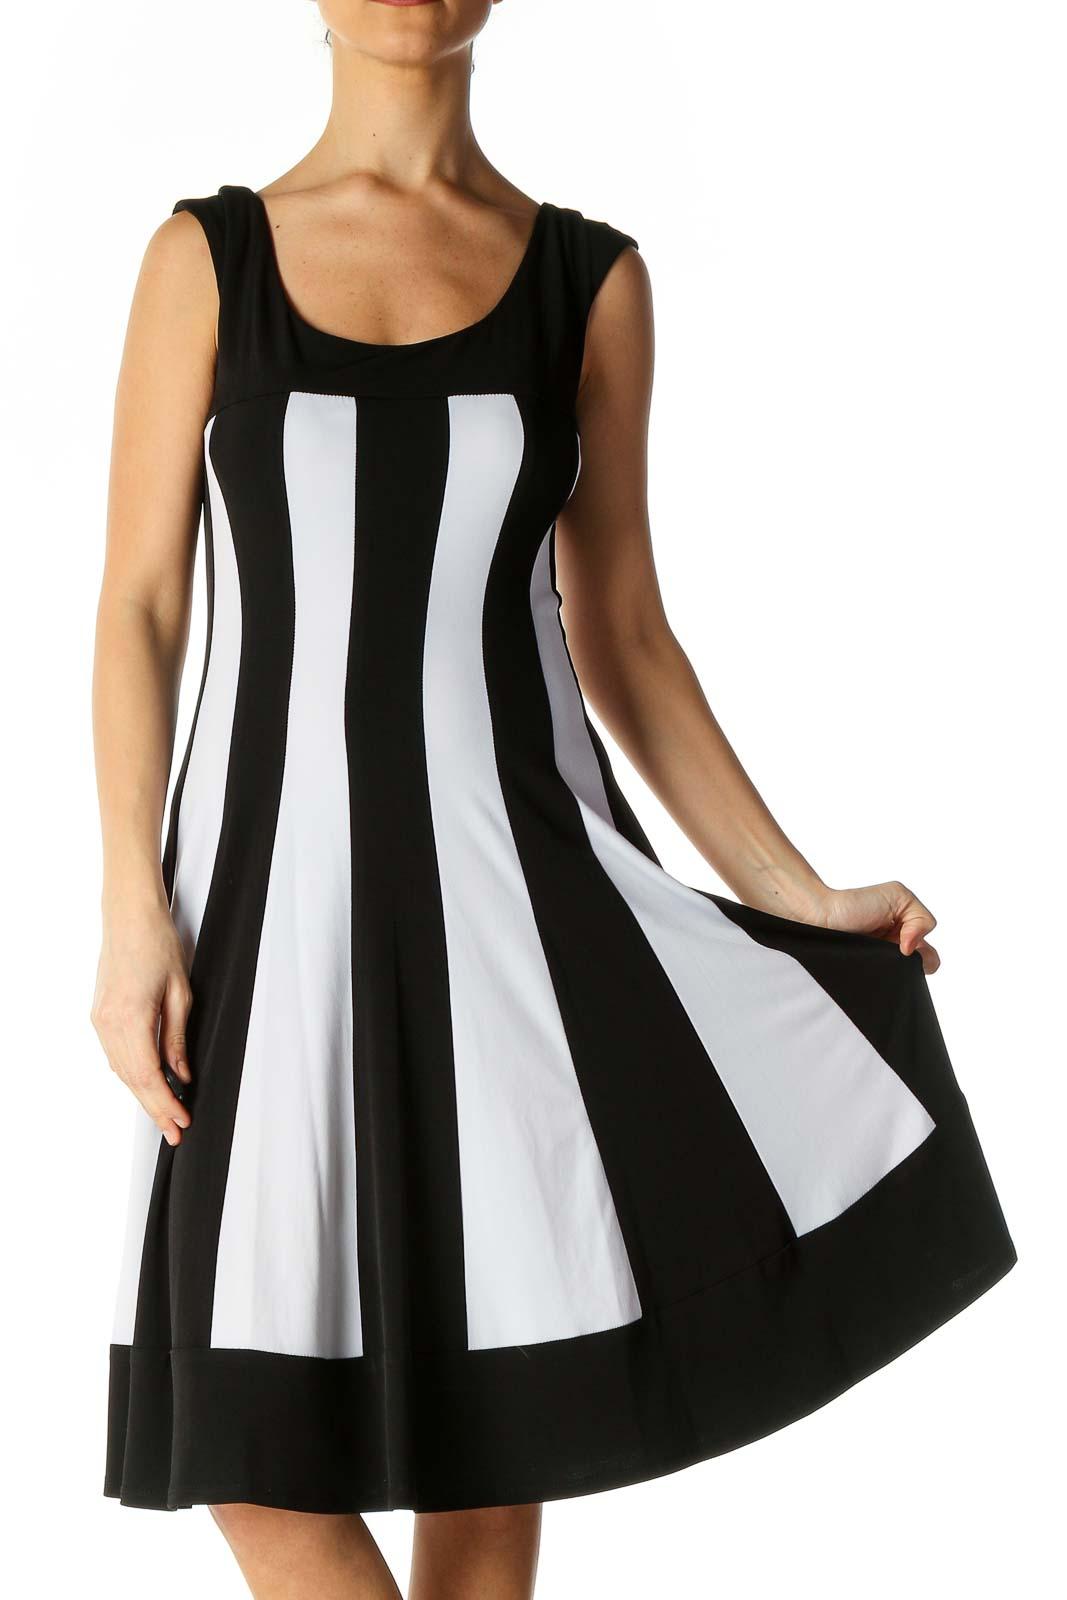 Black A-Line Dress Front